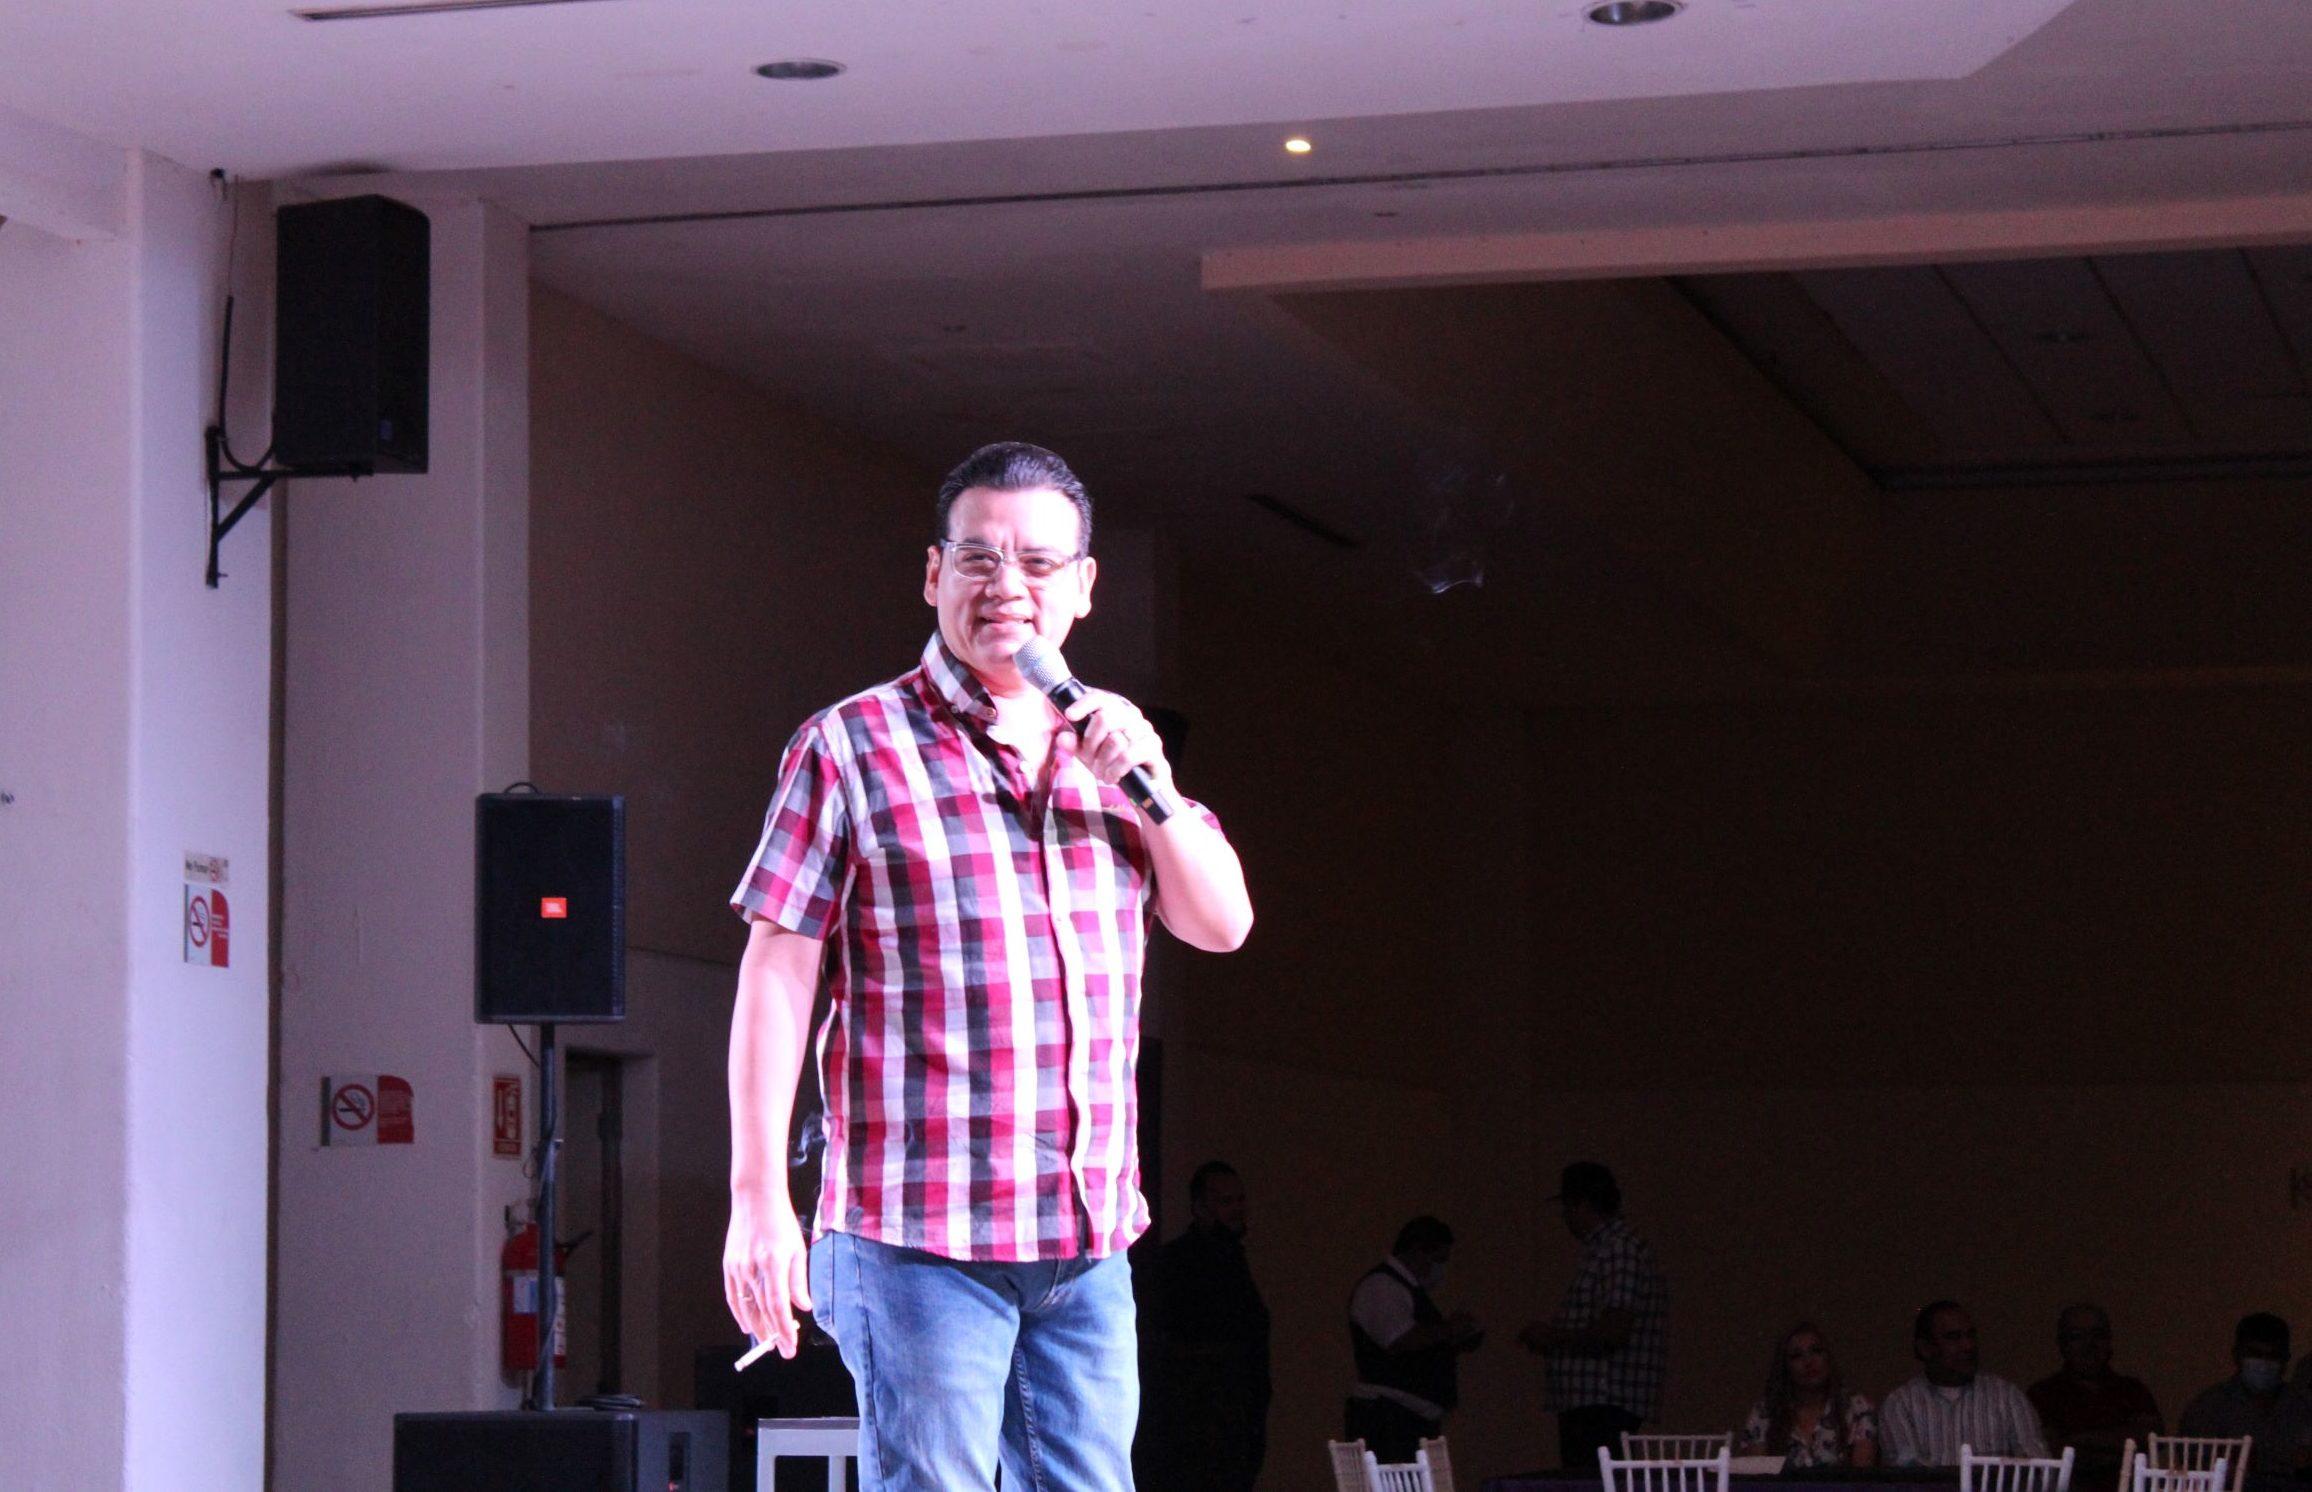 José Luis Zagar y Brincos Dieras: un show lleno de risas